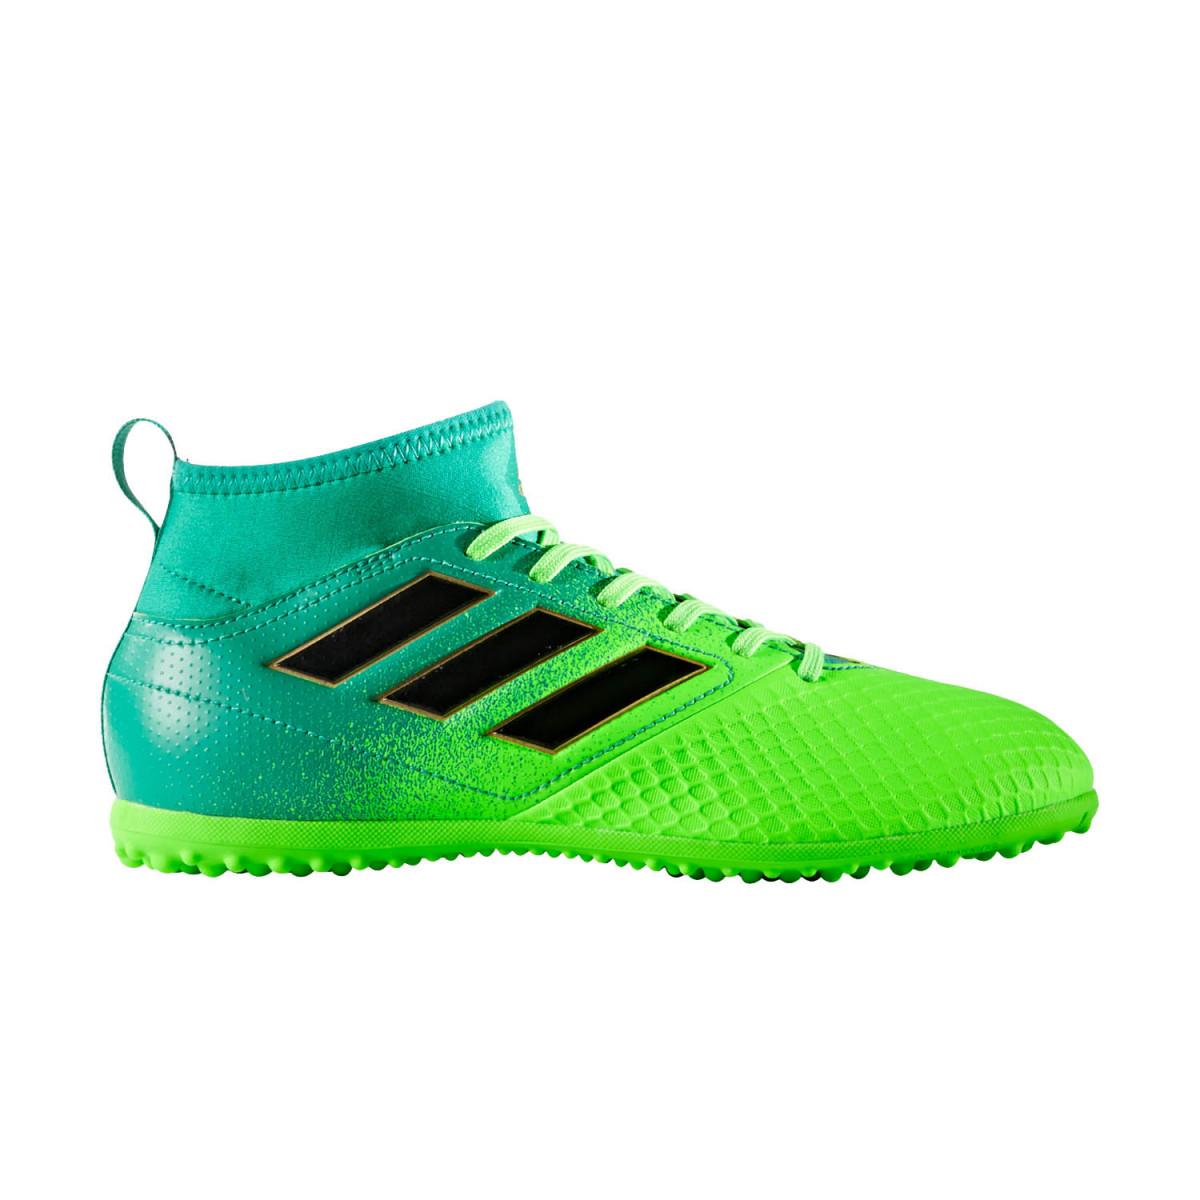 Botines Adidas Ace 17.3 Tf